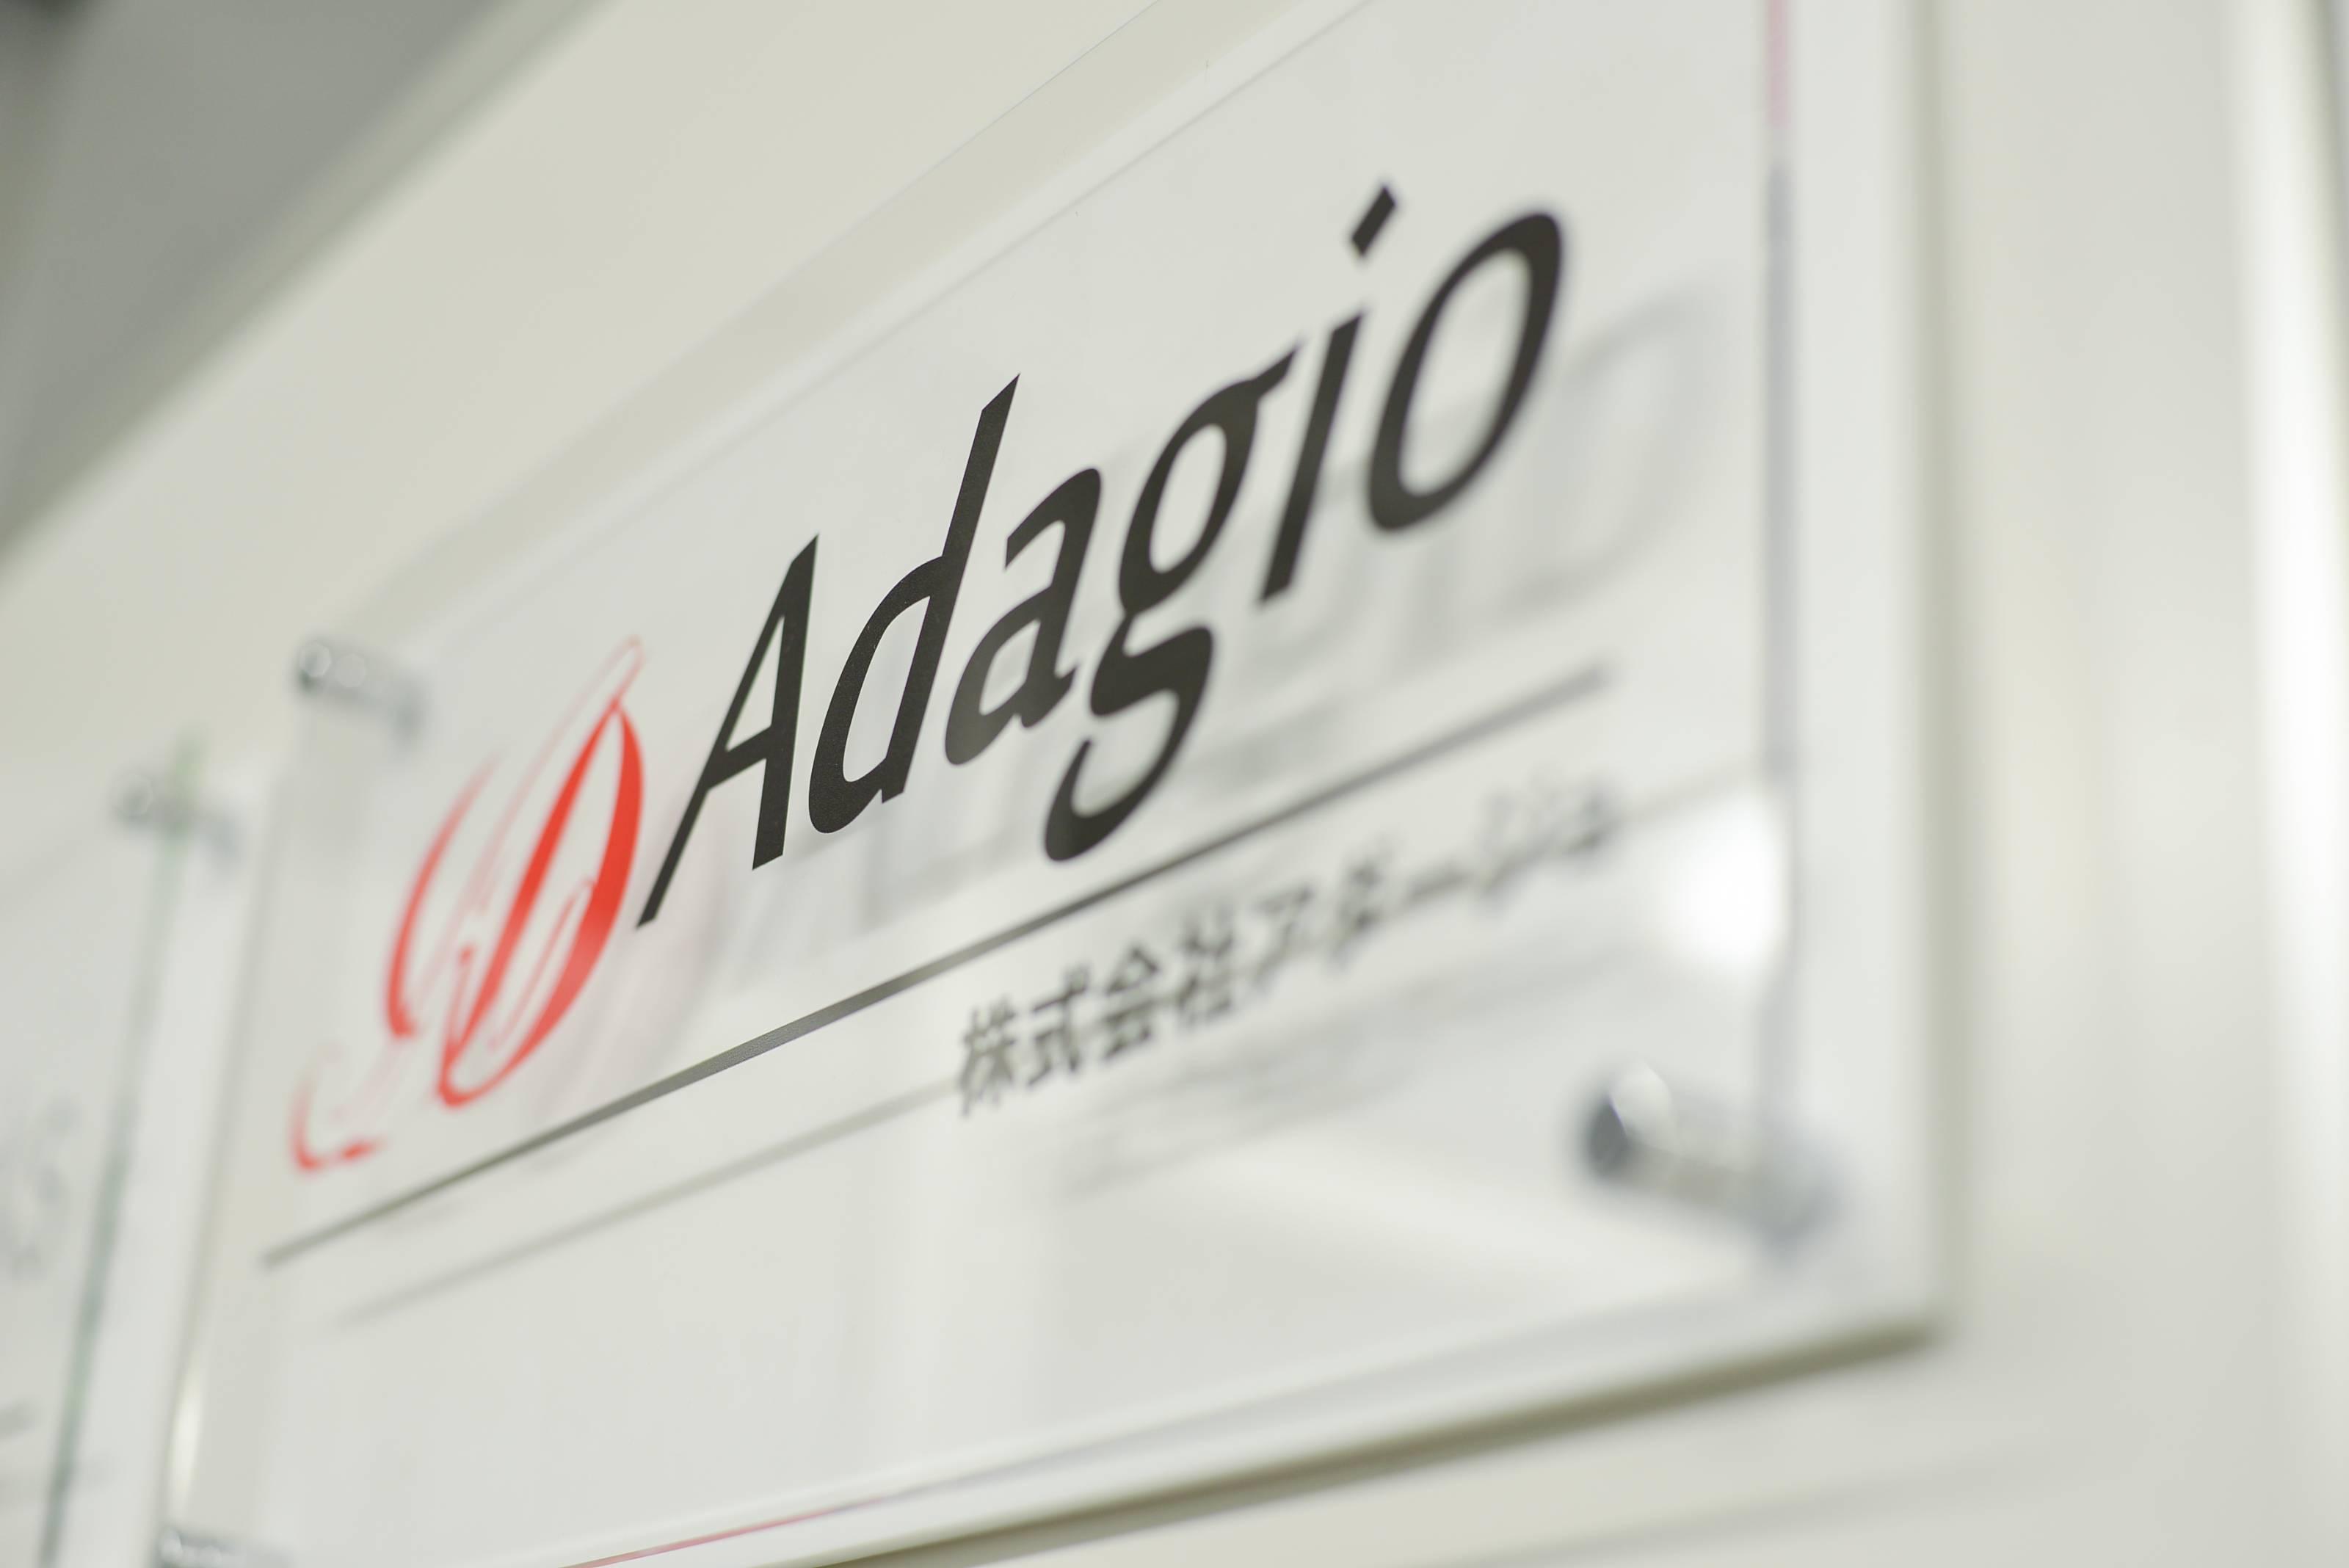 株式会社Adagio